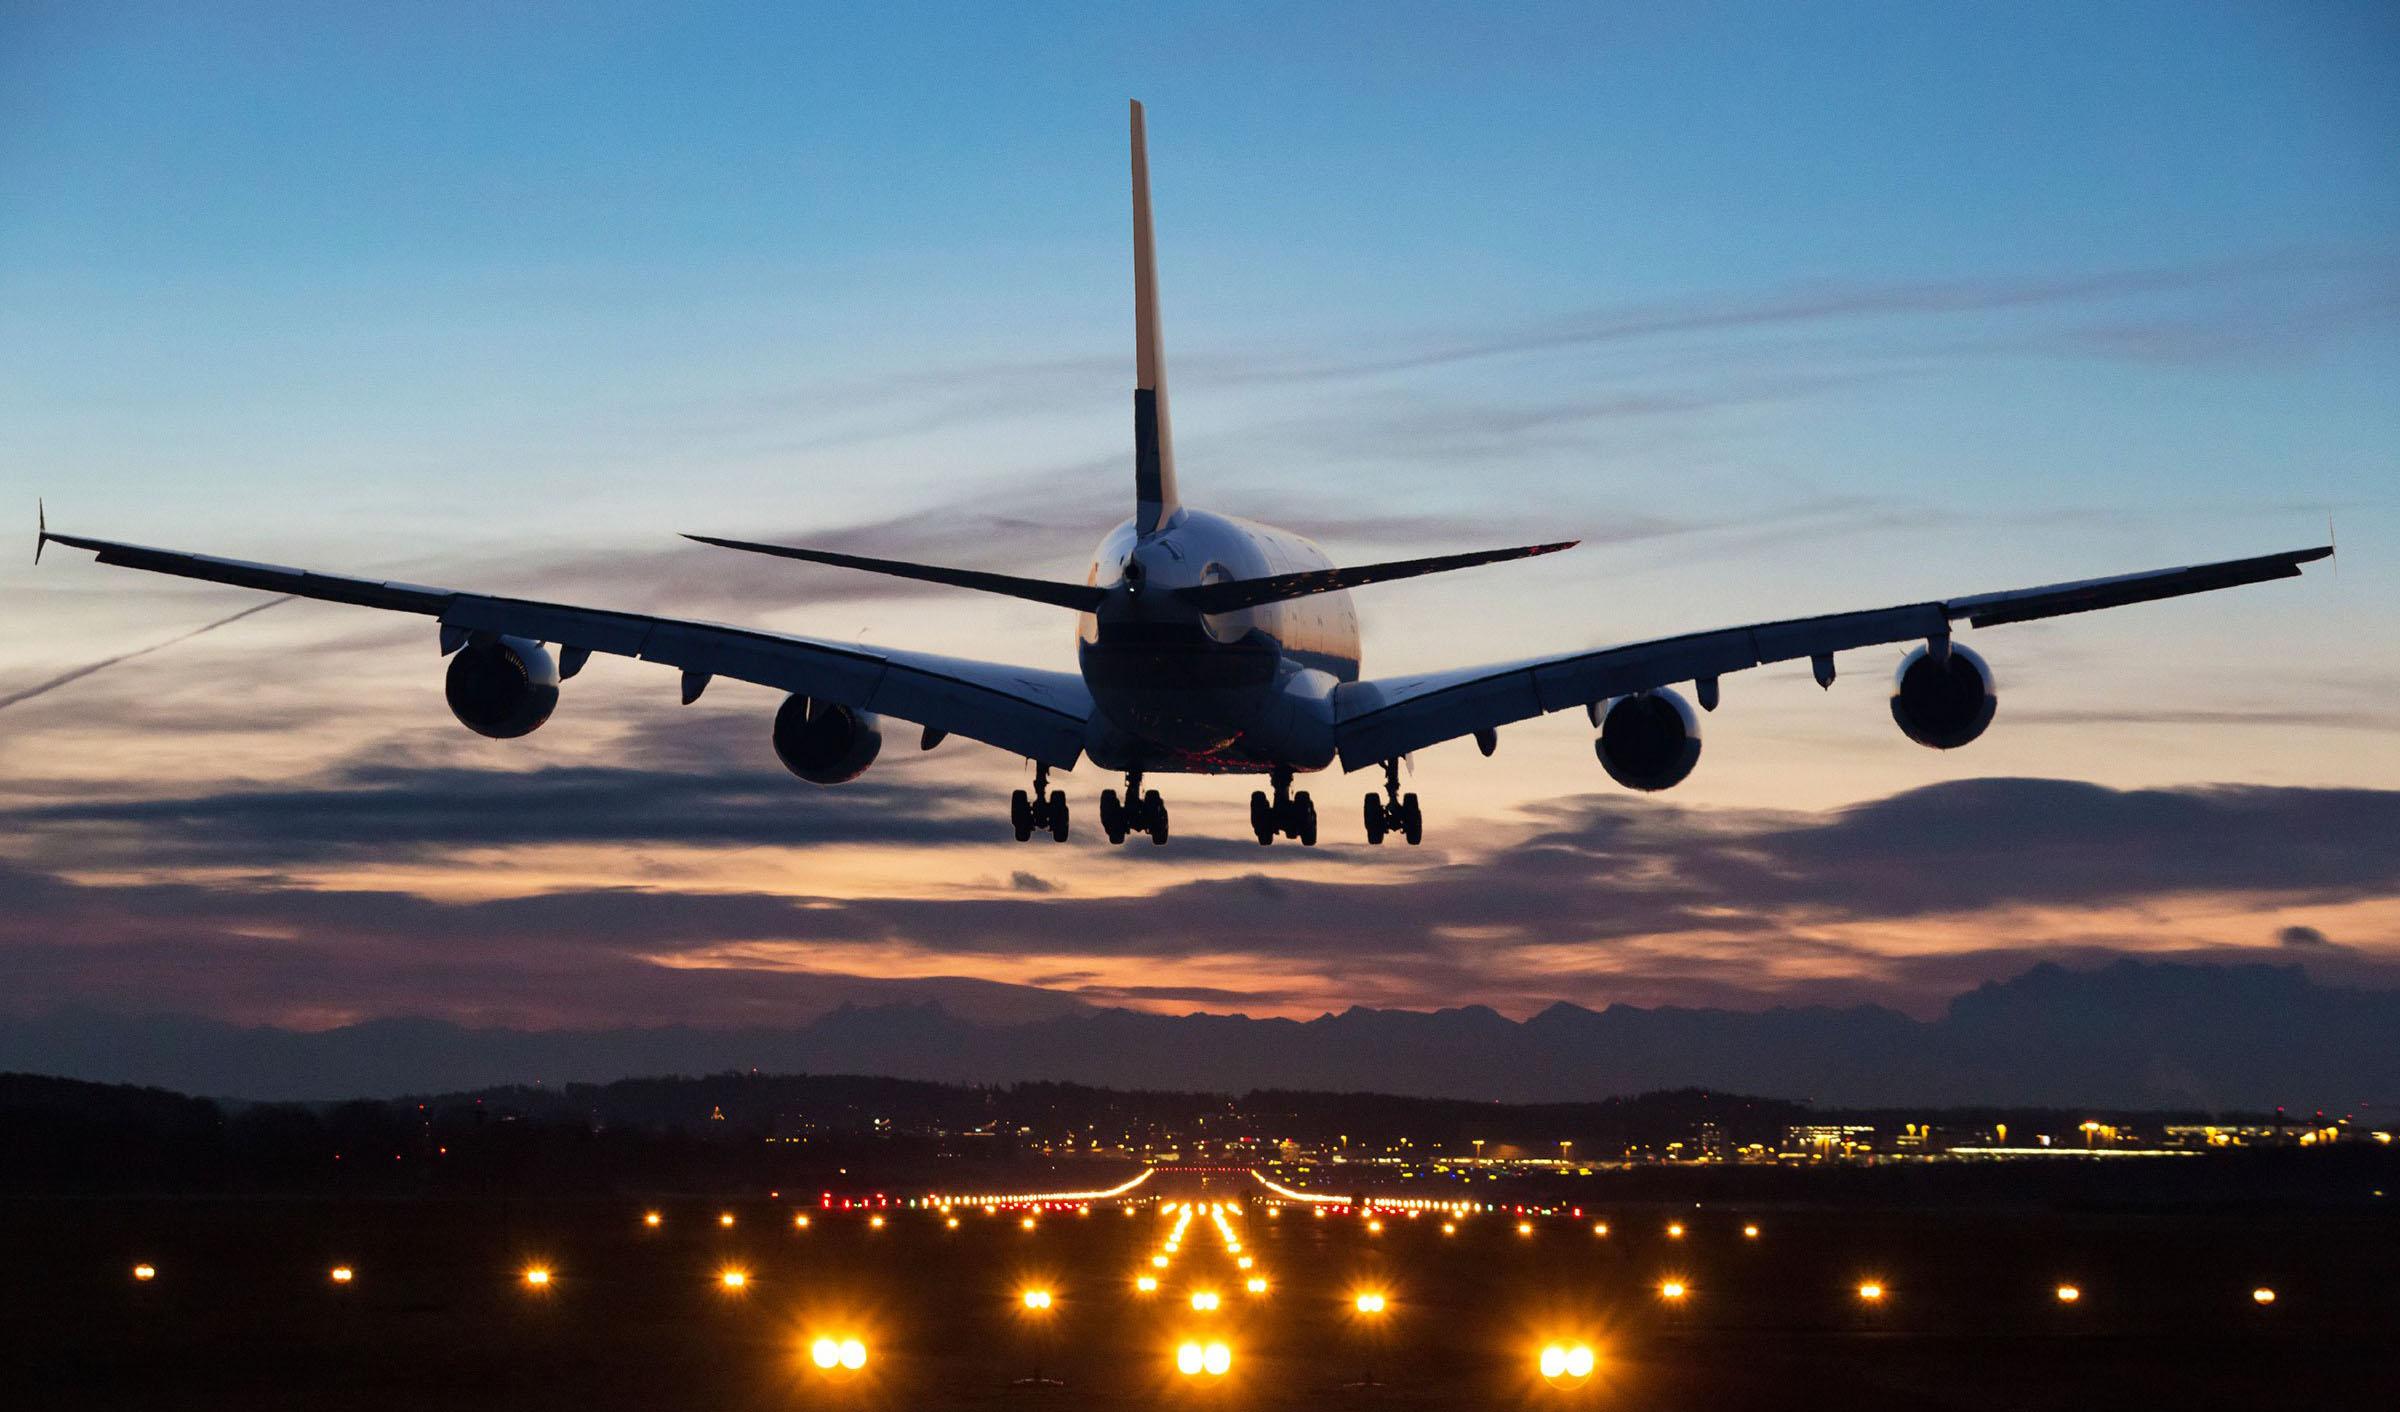 اخطار جدی سازمان هواپیمایی به دفاتر خدمات مسافرتی